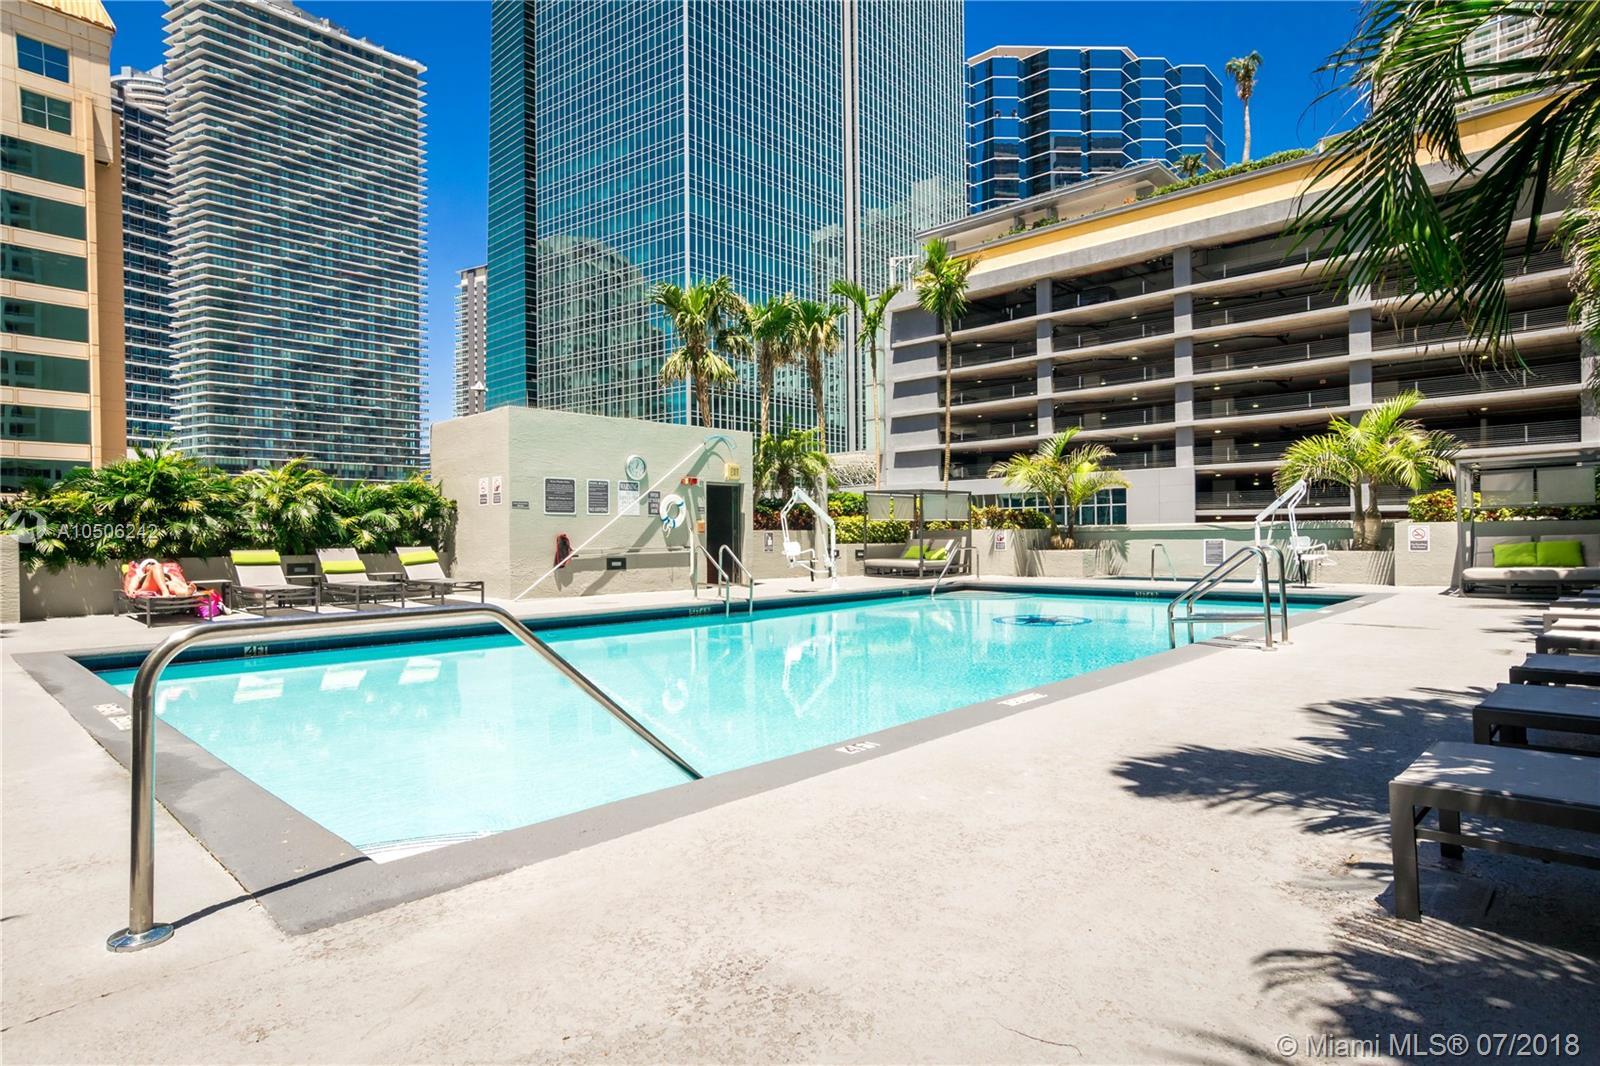 185 Southeast 14th Terrace, Miami, FL 33131, Fortune House #1812, Brickell, Miami A10506242 image #21